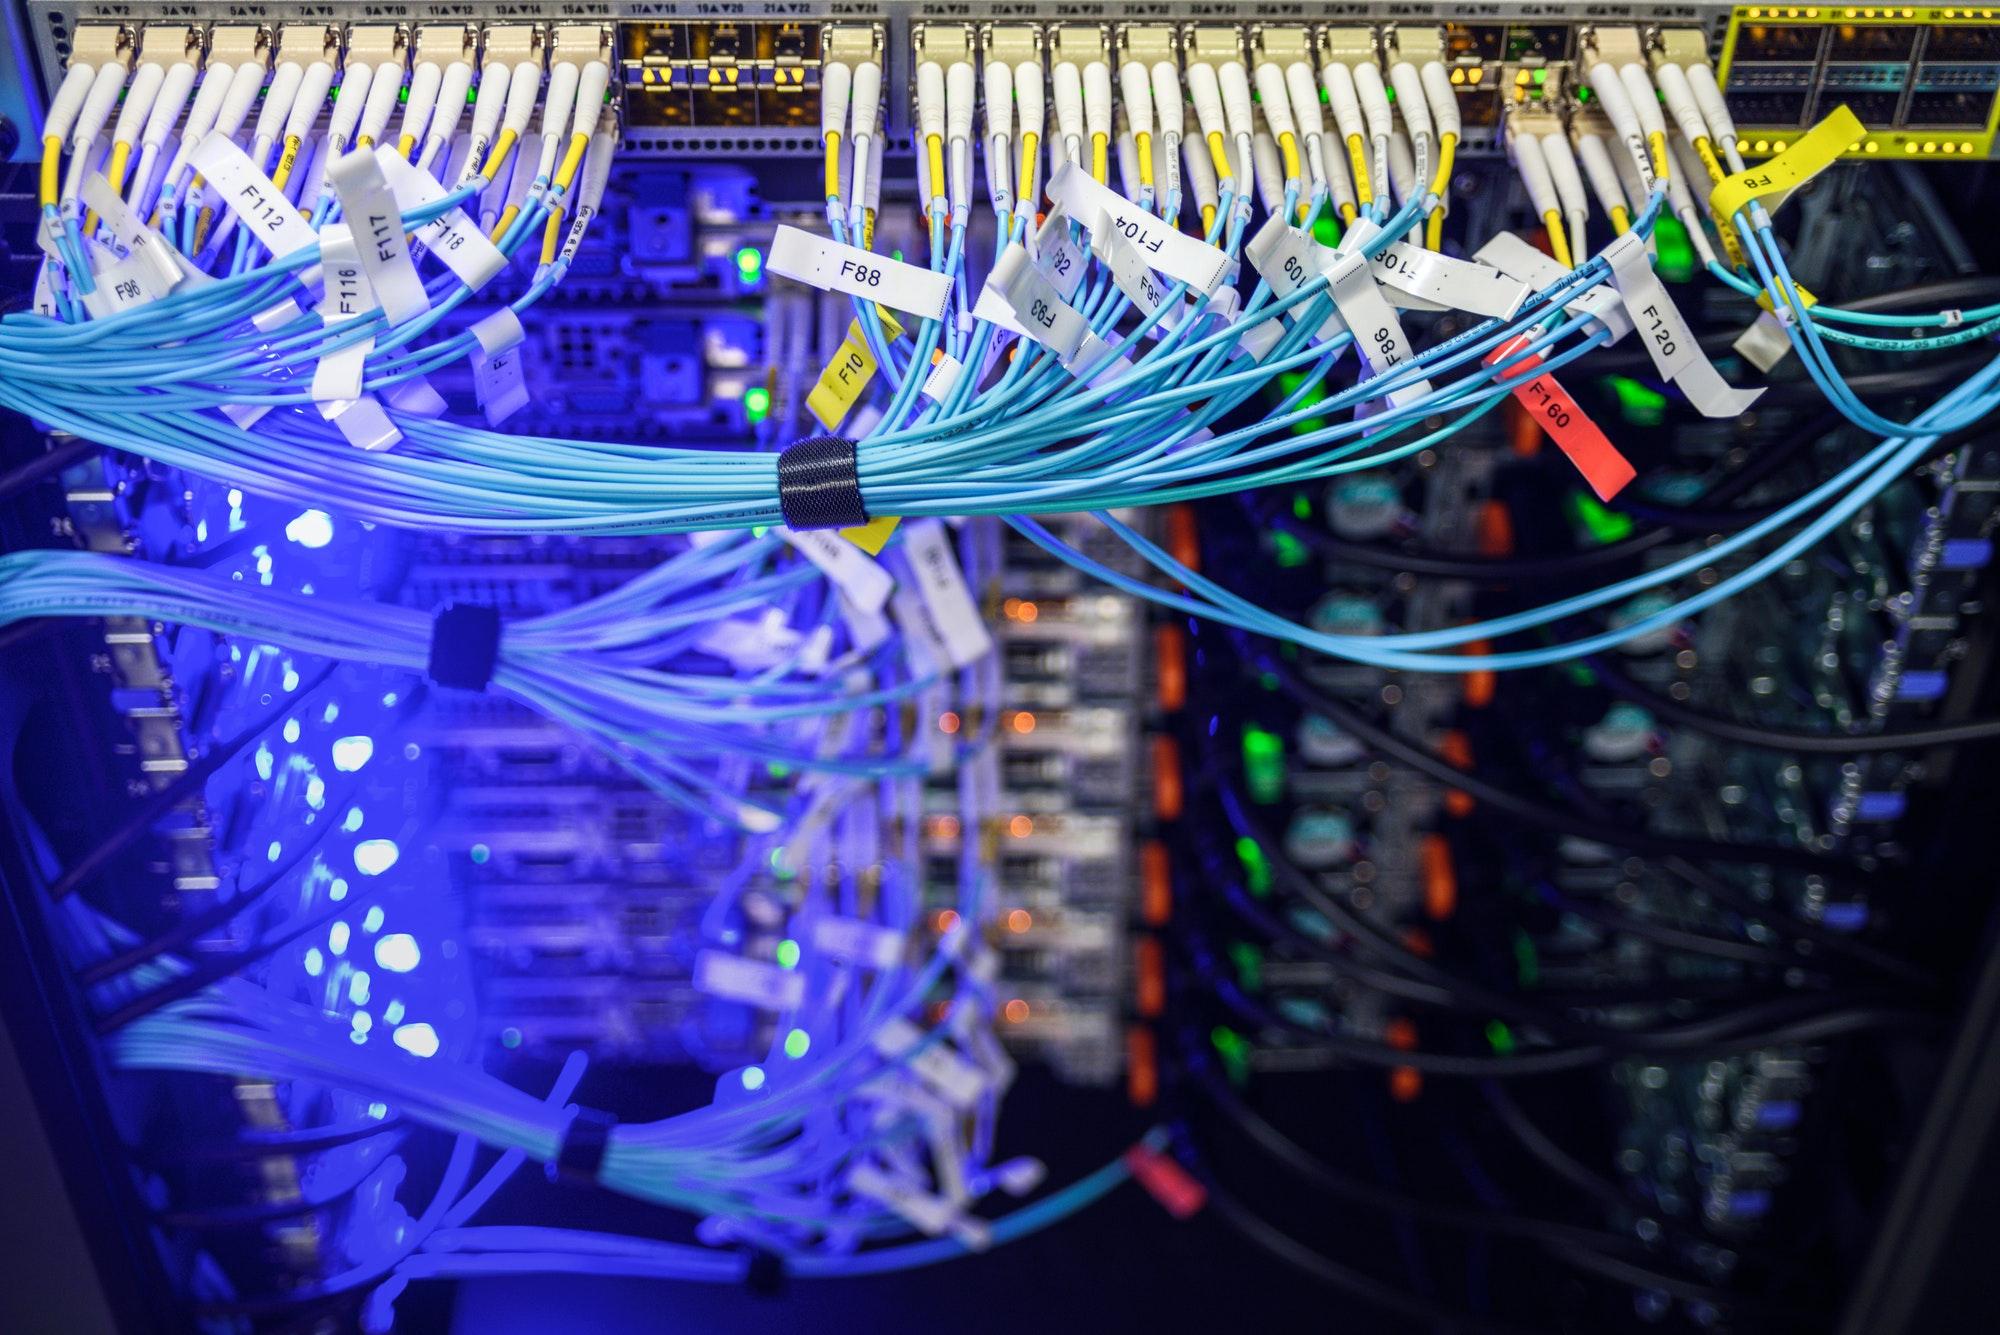 Working network hardware